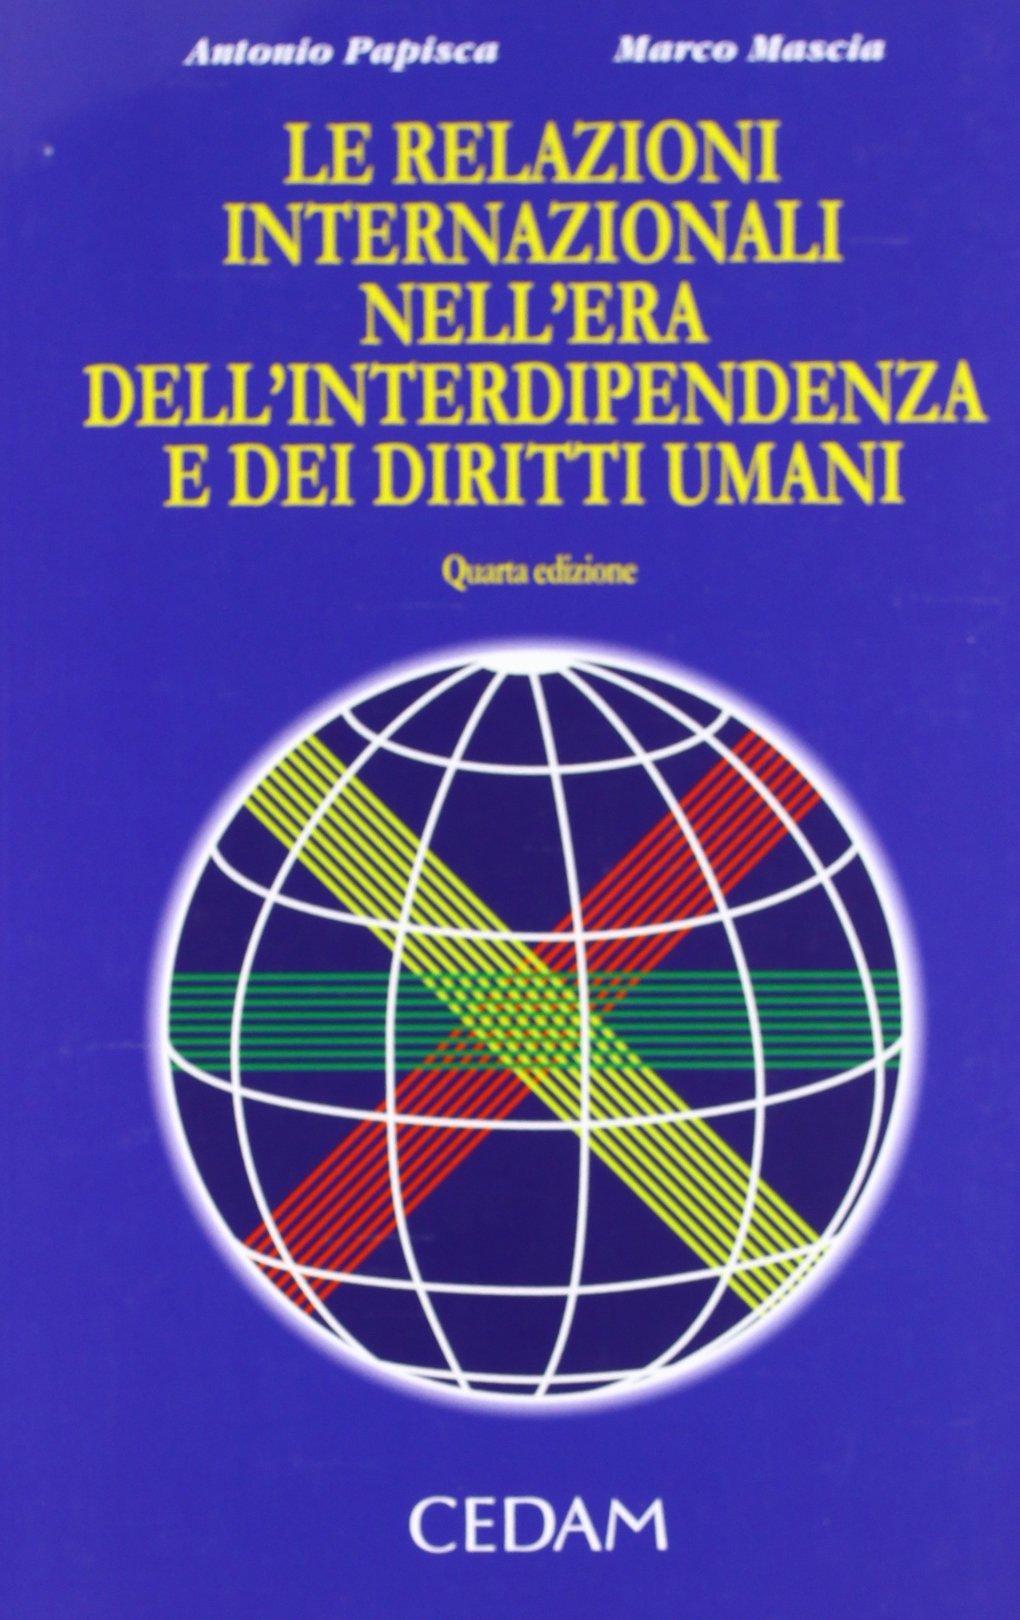 Le relazioni internazionali nell'era dell'interdipendenza e dei diritti umani Copertina flessibile – 1 mar 2012 Antonio Papisca Marco Mascia CEDAM 881331549X